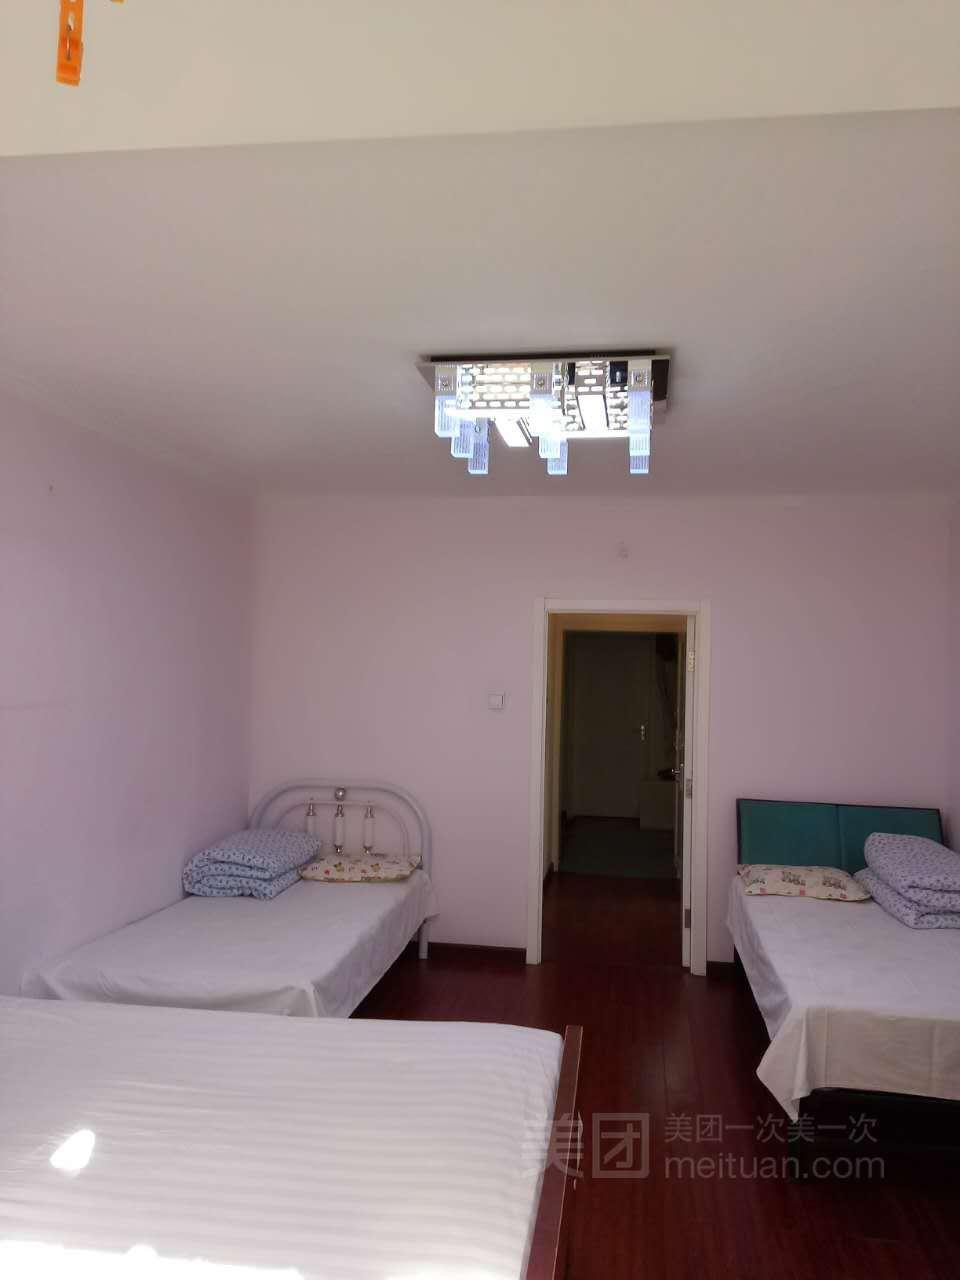 紫茉家庭旅馆预订/团购